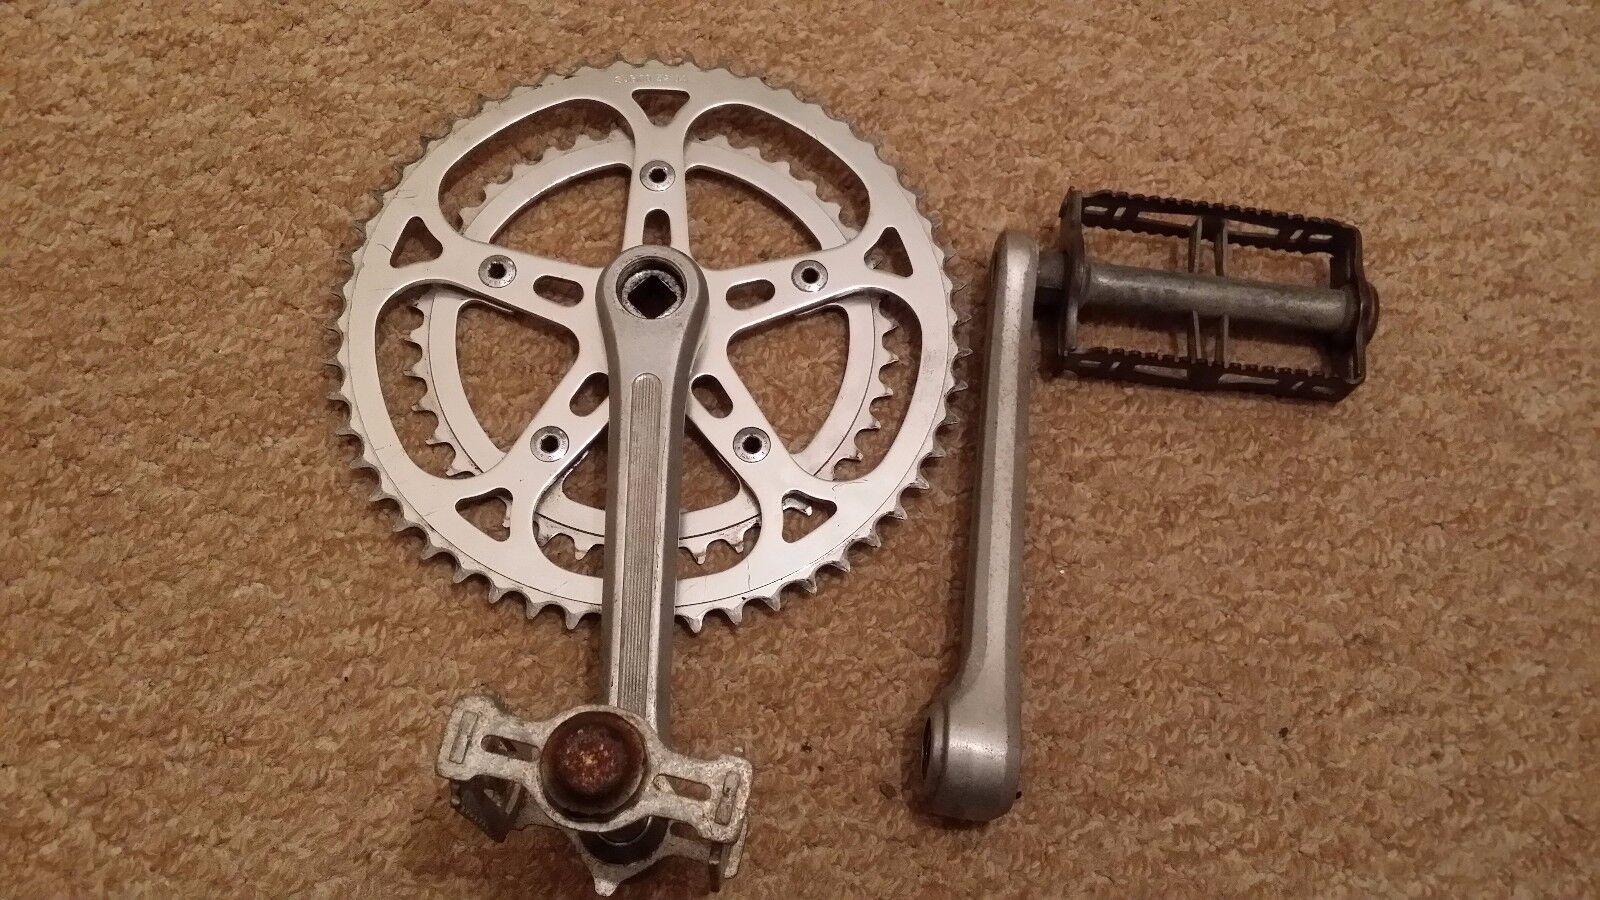 Juego De Bielas  Bicicleta Vintage Sugino Forjado 52 40 T, 165 mm Con Pedales  estar en gran demanda